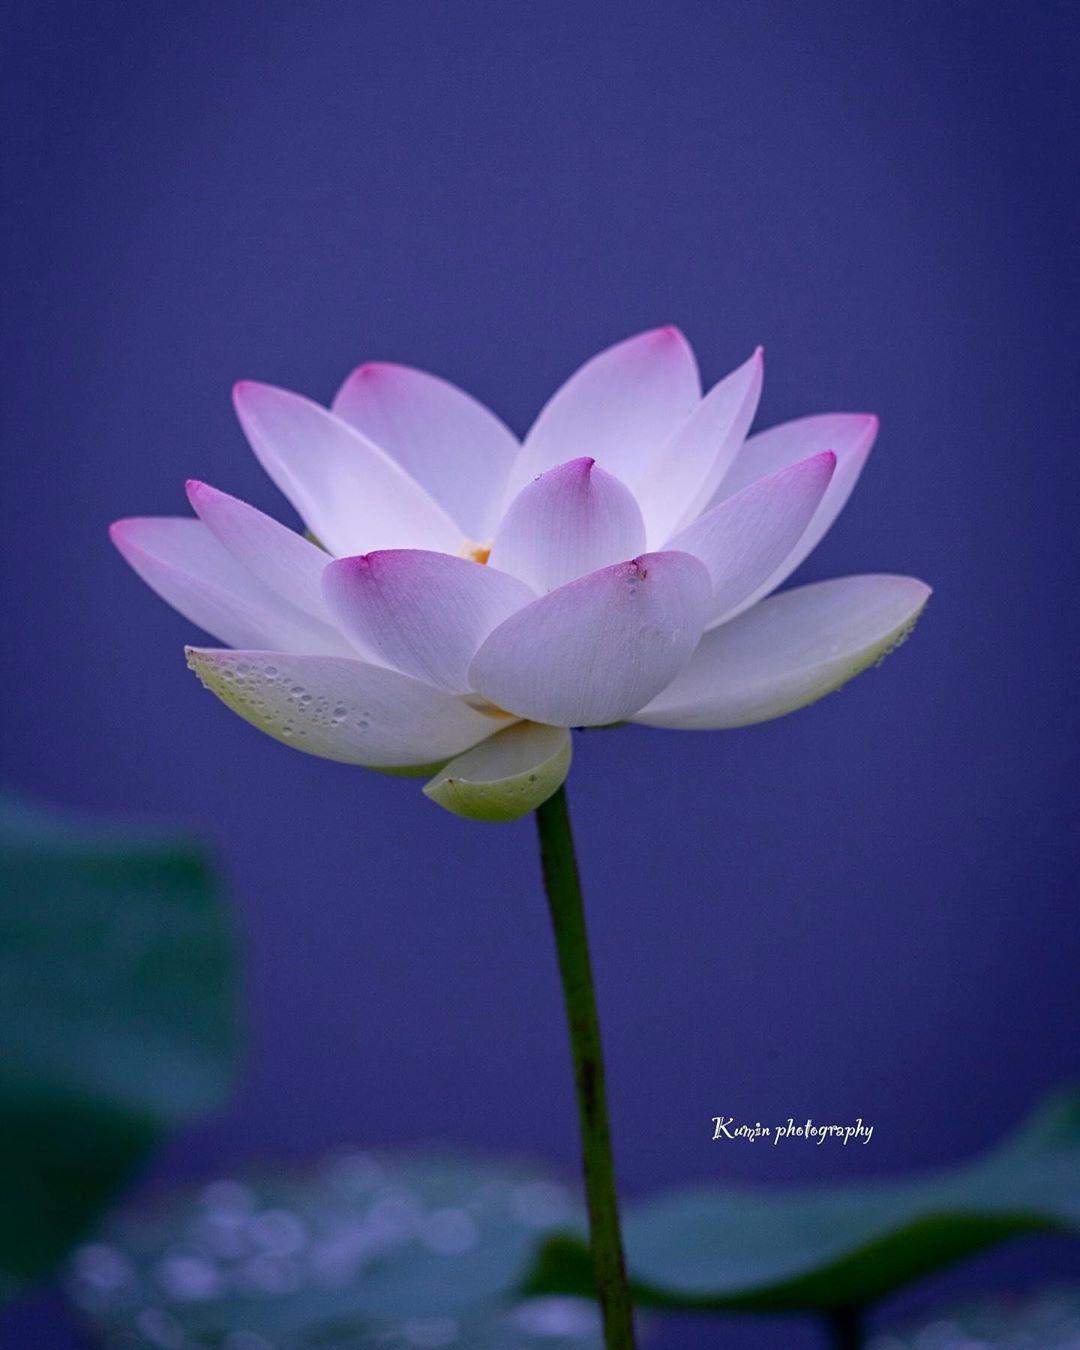 Kumin On Instagram 霧雨の中 プール後地を活用して蓮や睡蓮を育てている花蓮まつりに行って来ました 白に薄いピンクの蓮は結構咲いていましたが 濃いめのピンクの行田蓮はまだ咲いていませんでした 睡蓮も去年よりまだ少なく 見頃はこれからみたいです 撮影地